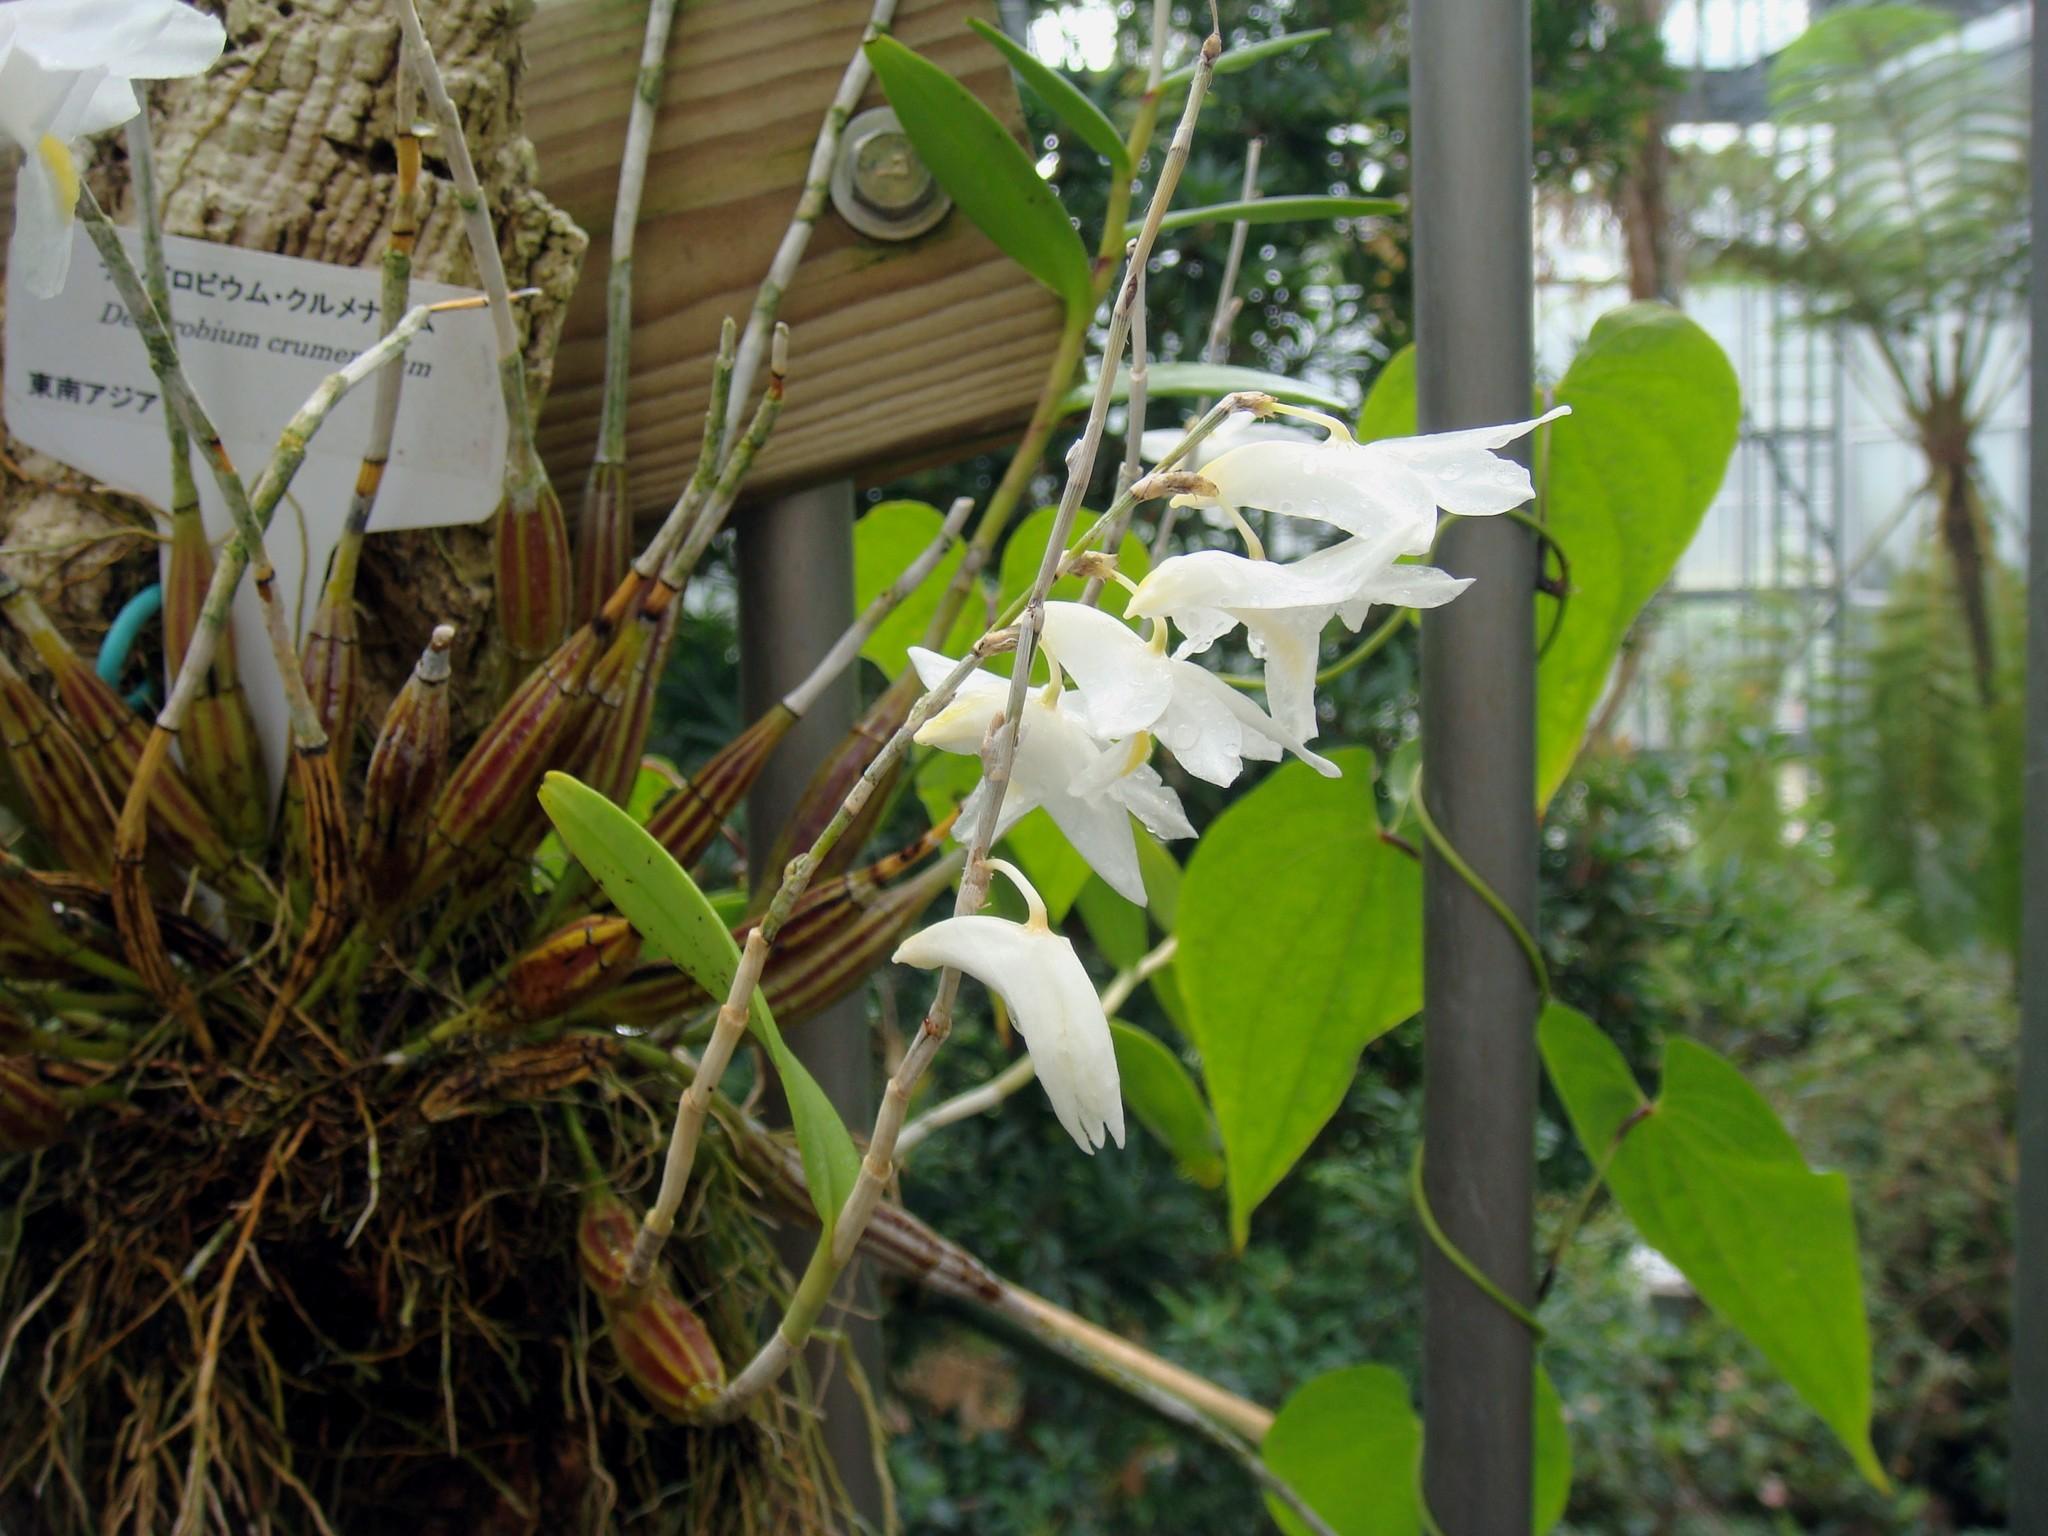 http://orchids.la.coocan.jp/Dendrobium/Dendrobium%20crumenatum/DSC03204.JPG